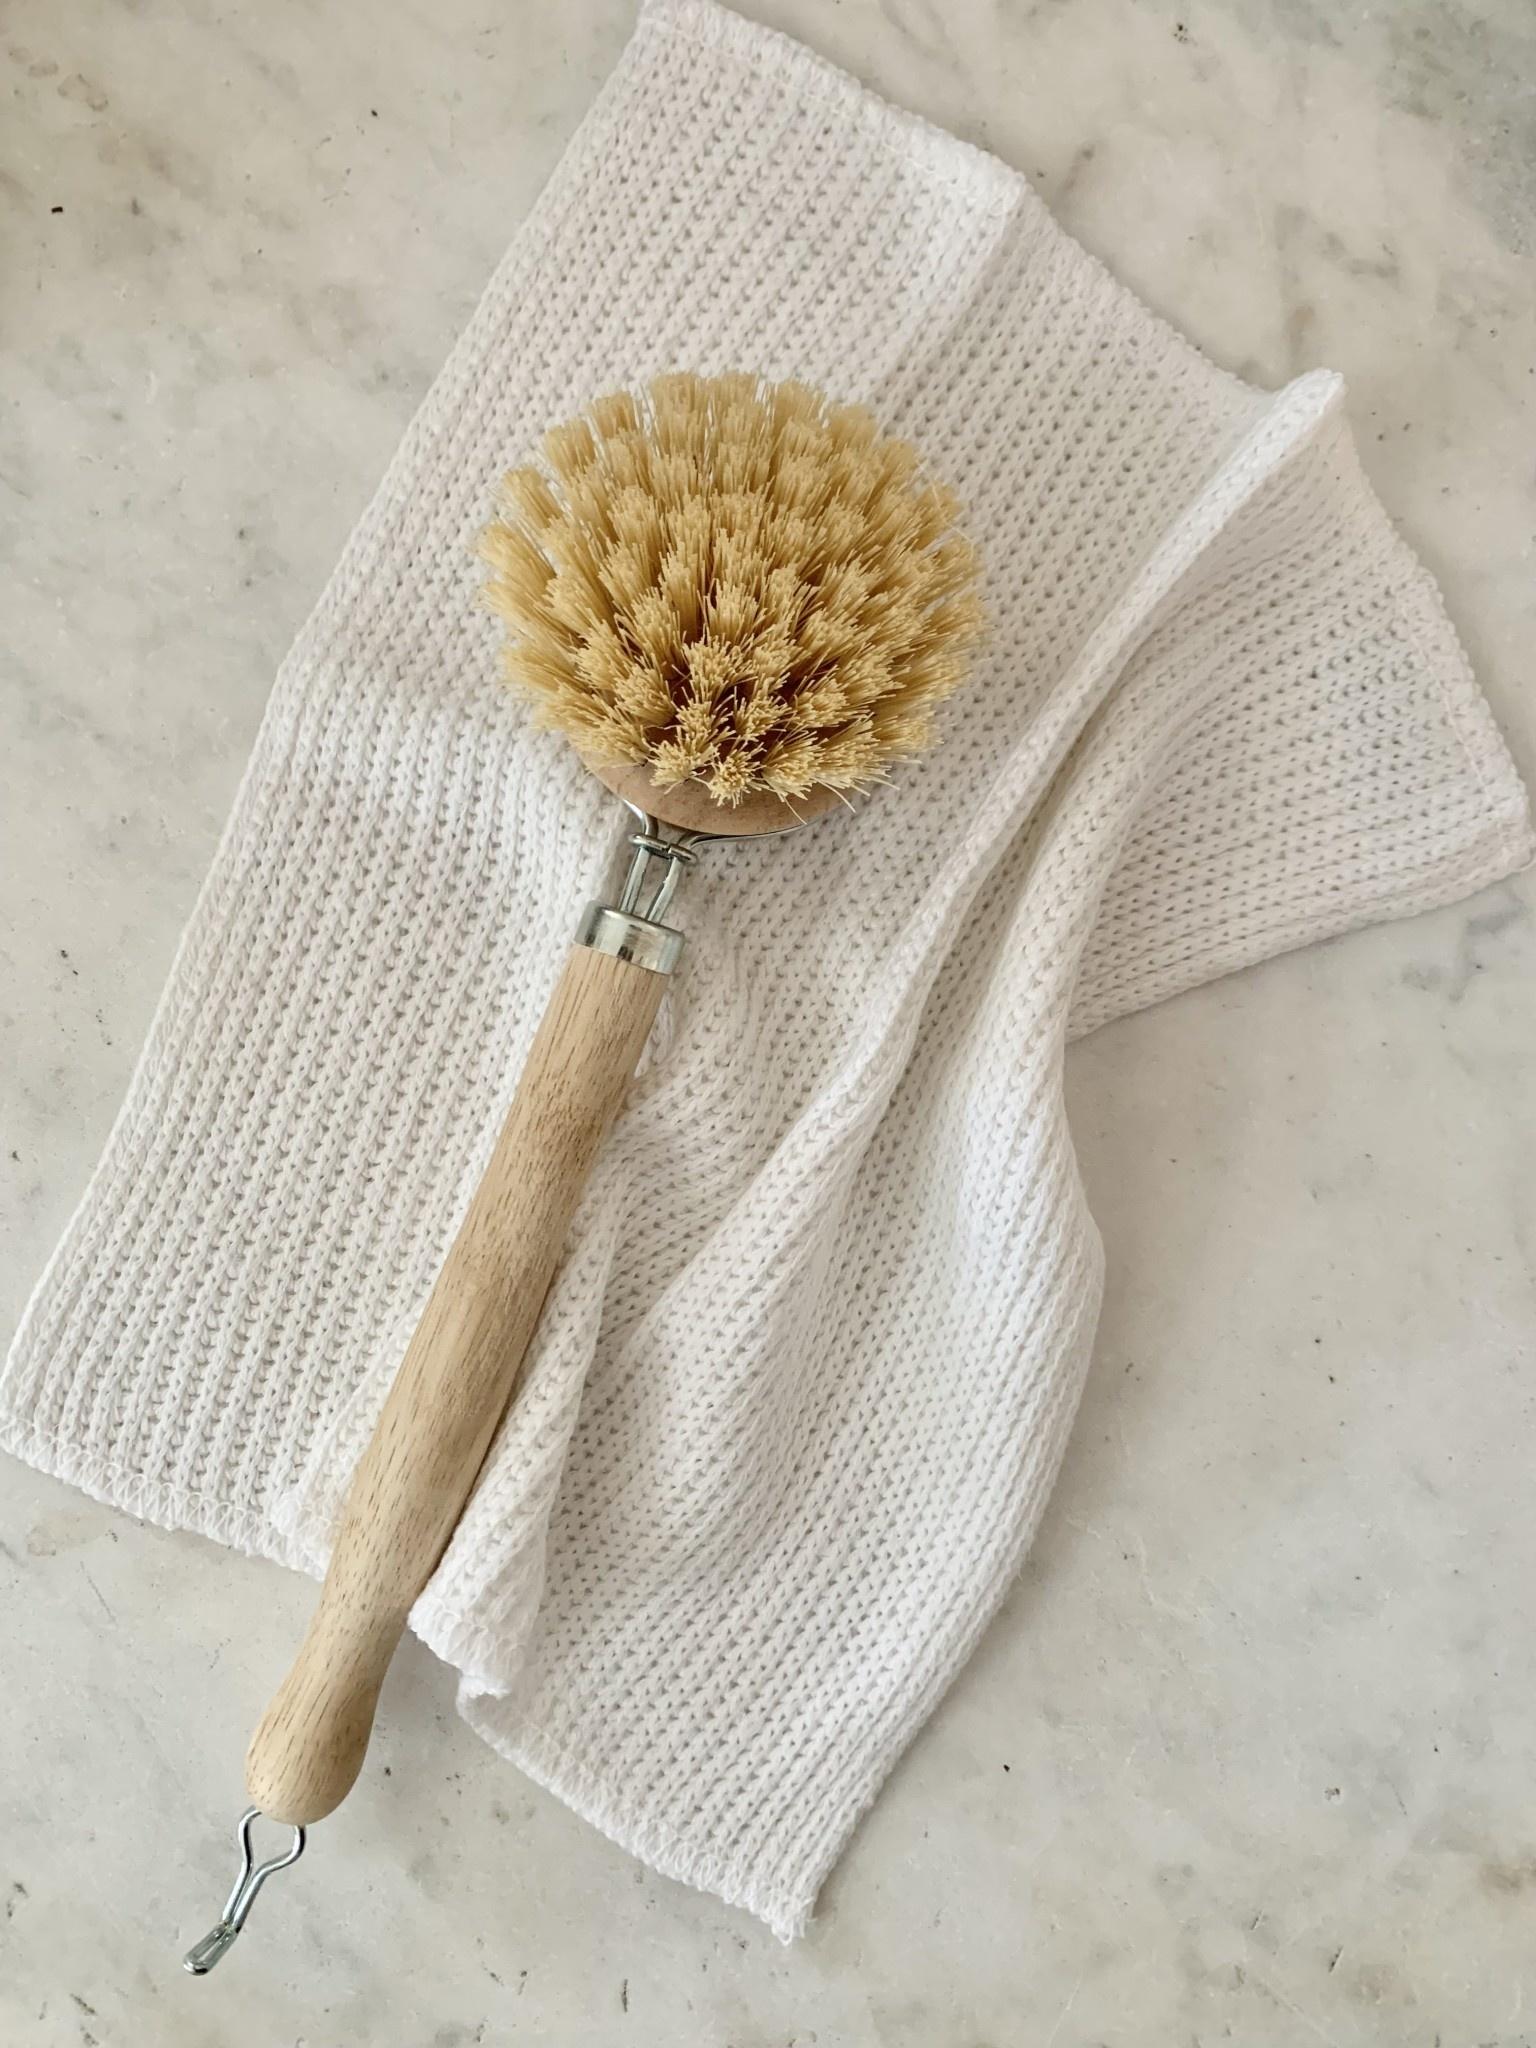 European Dish Cloth - White